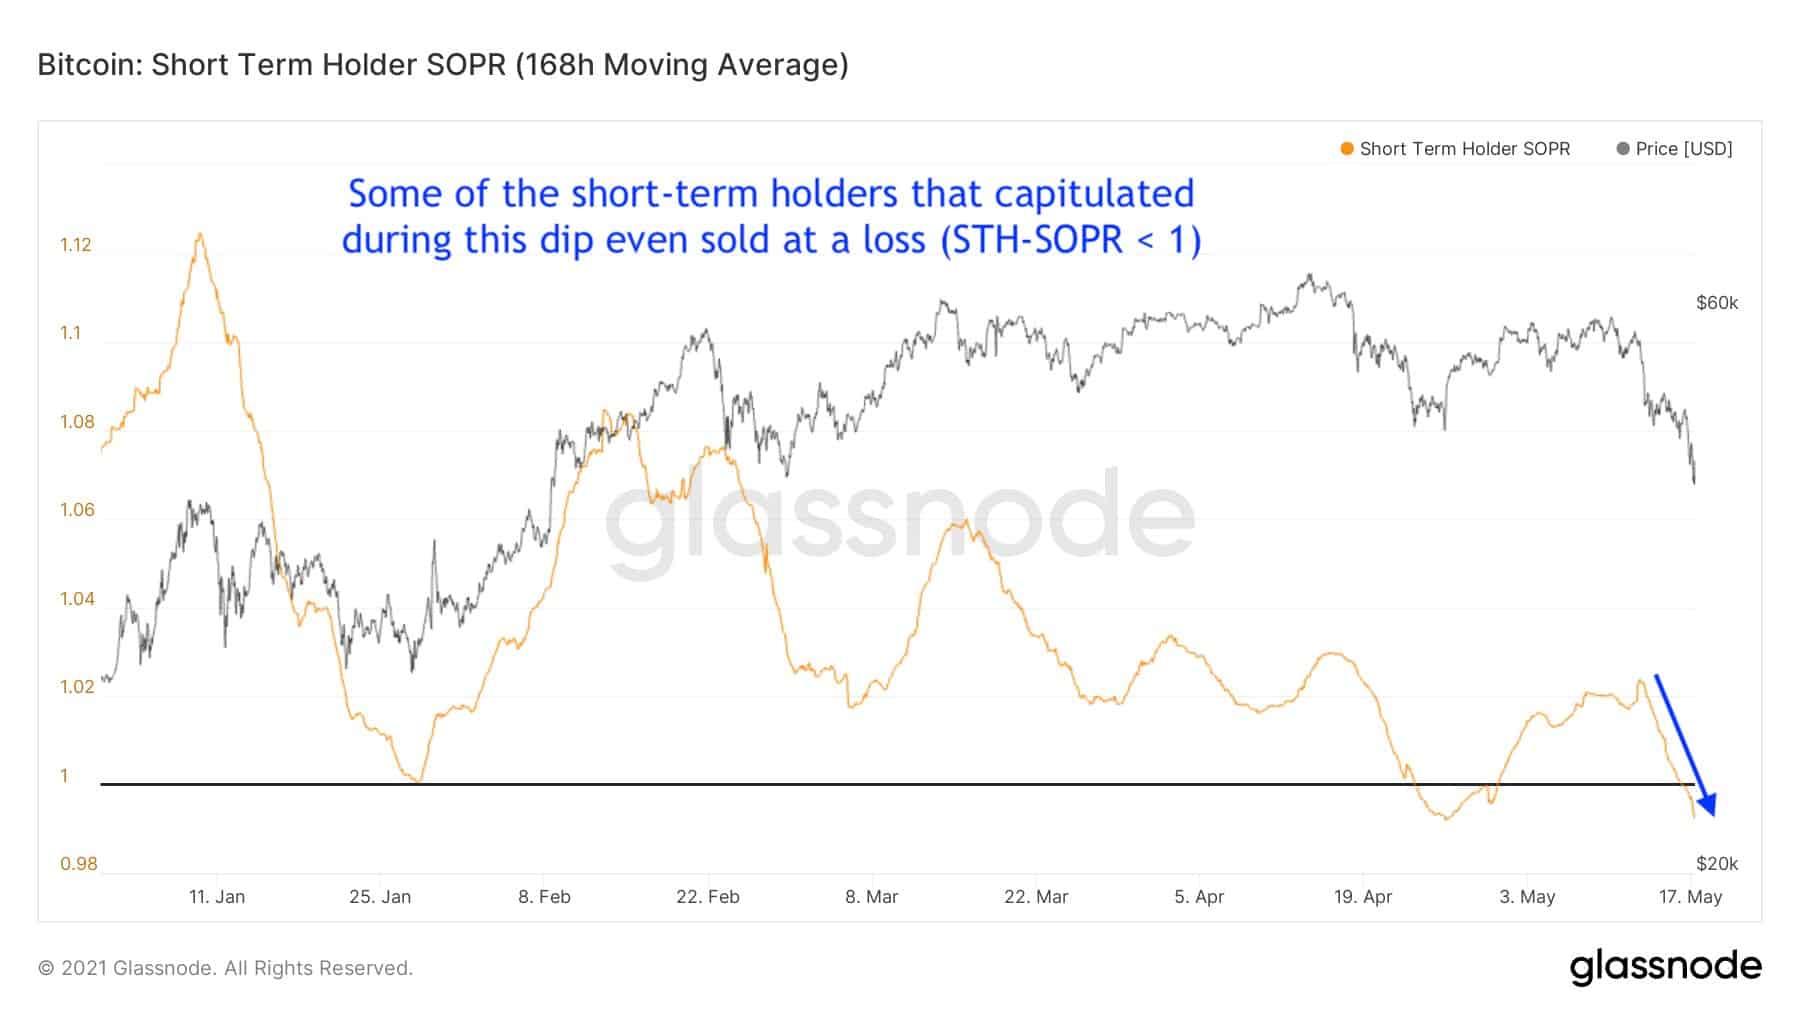 Bitcoin: Short Term Holder SOPR. Source: Glassnode